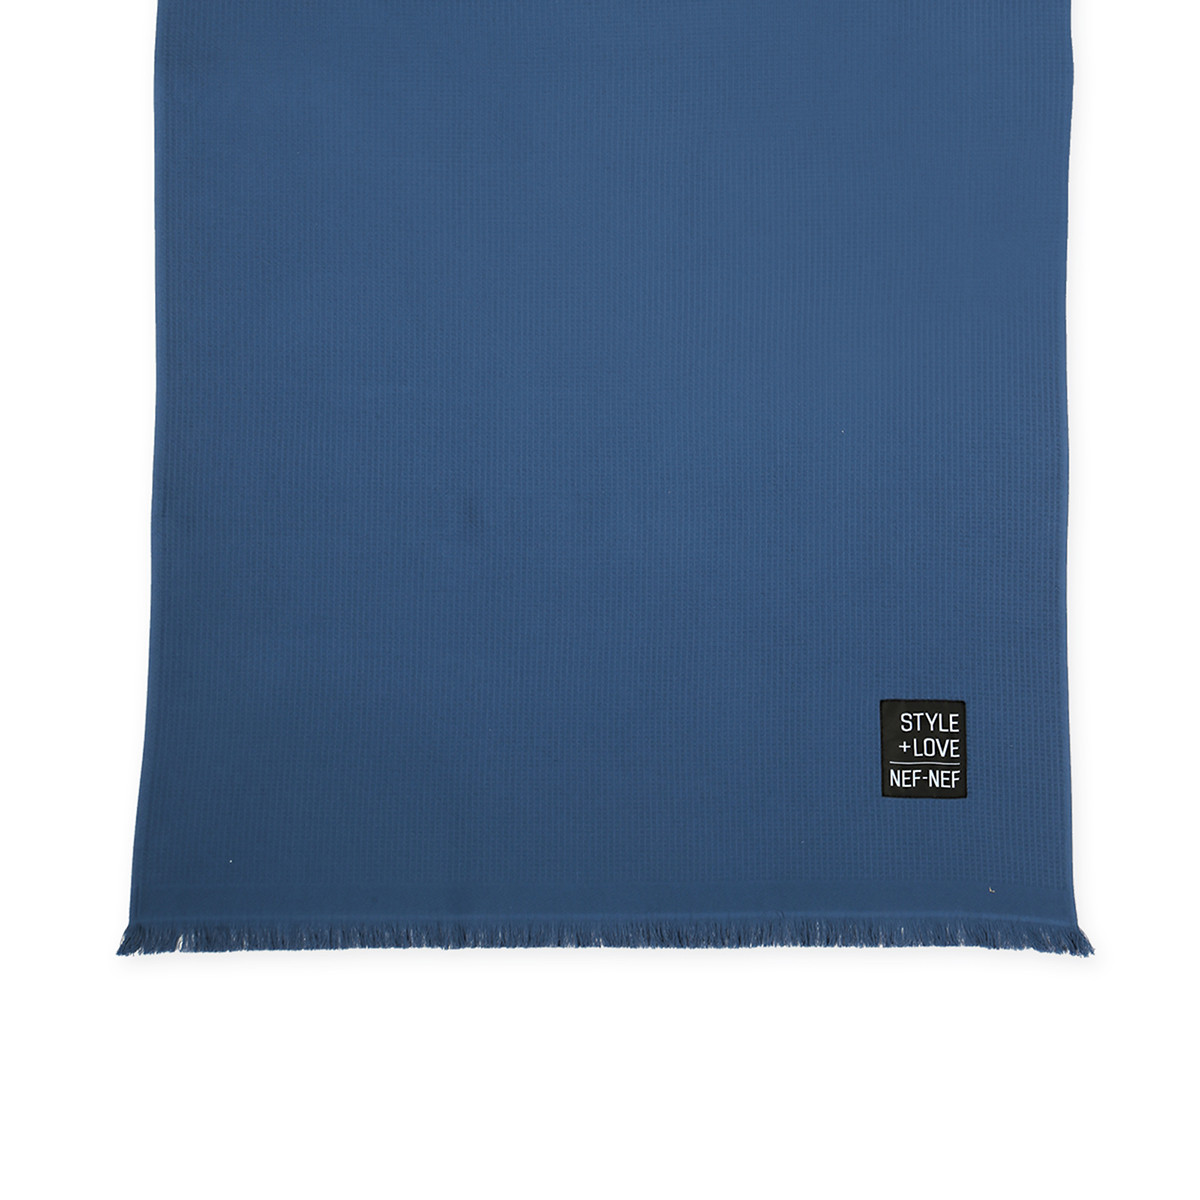 Πετσέτα Θαλάσσης Nef-Nef LifeStyle Navy